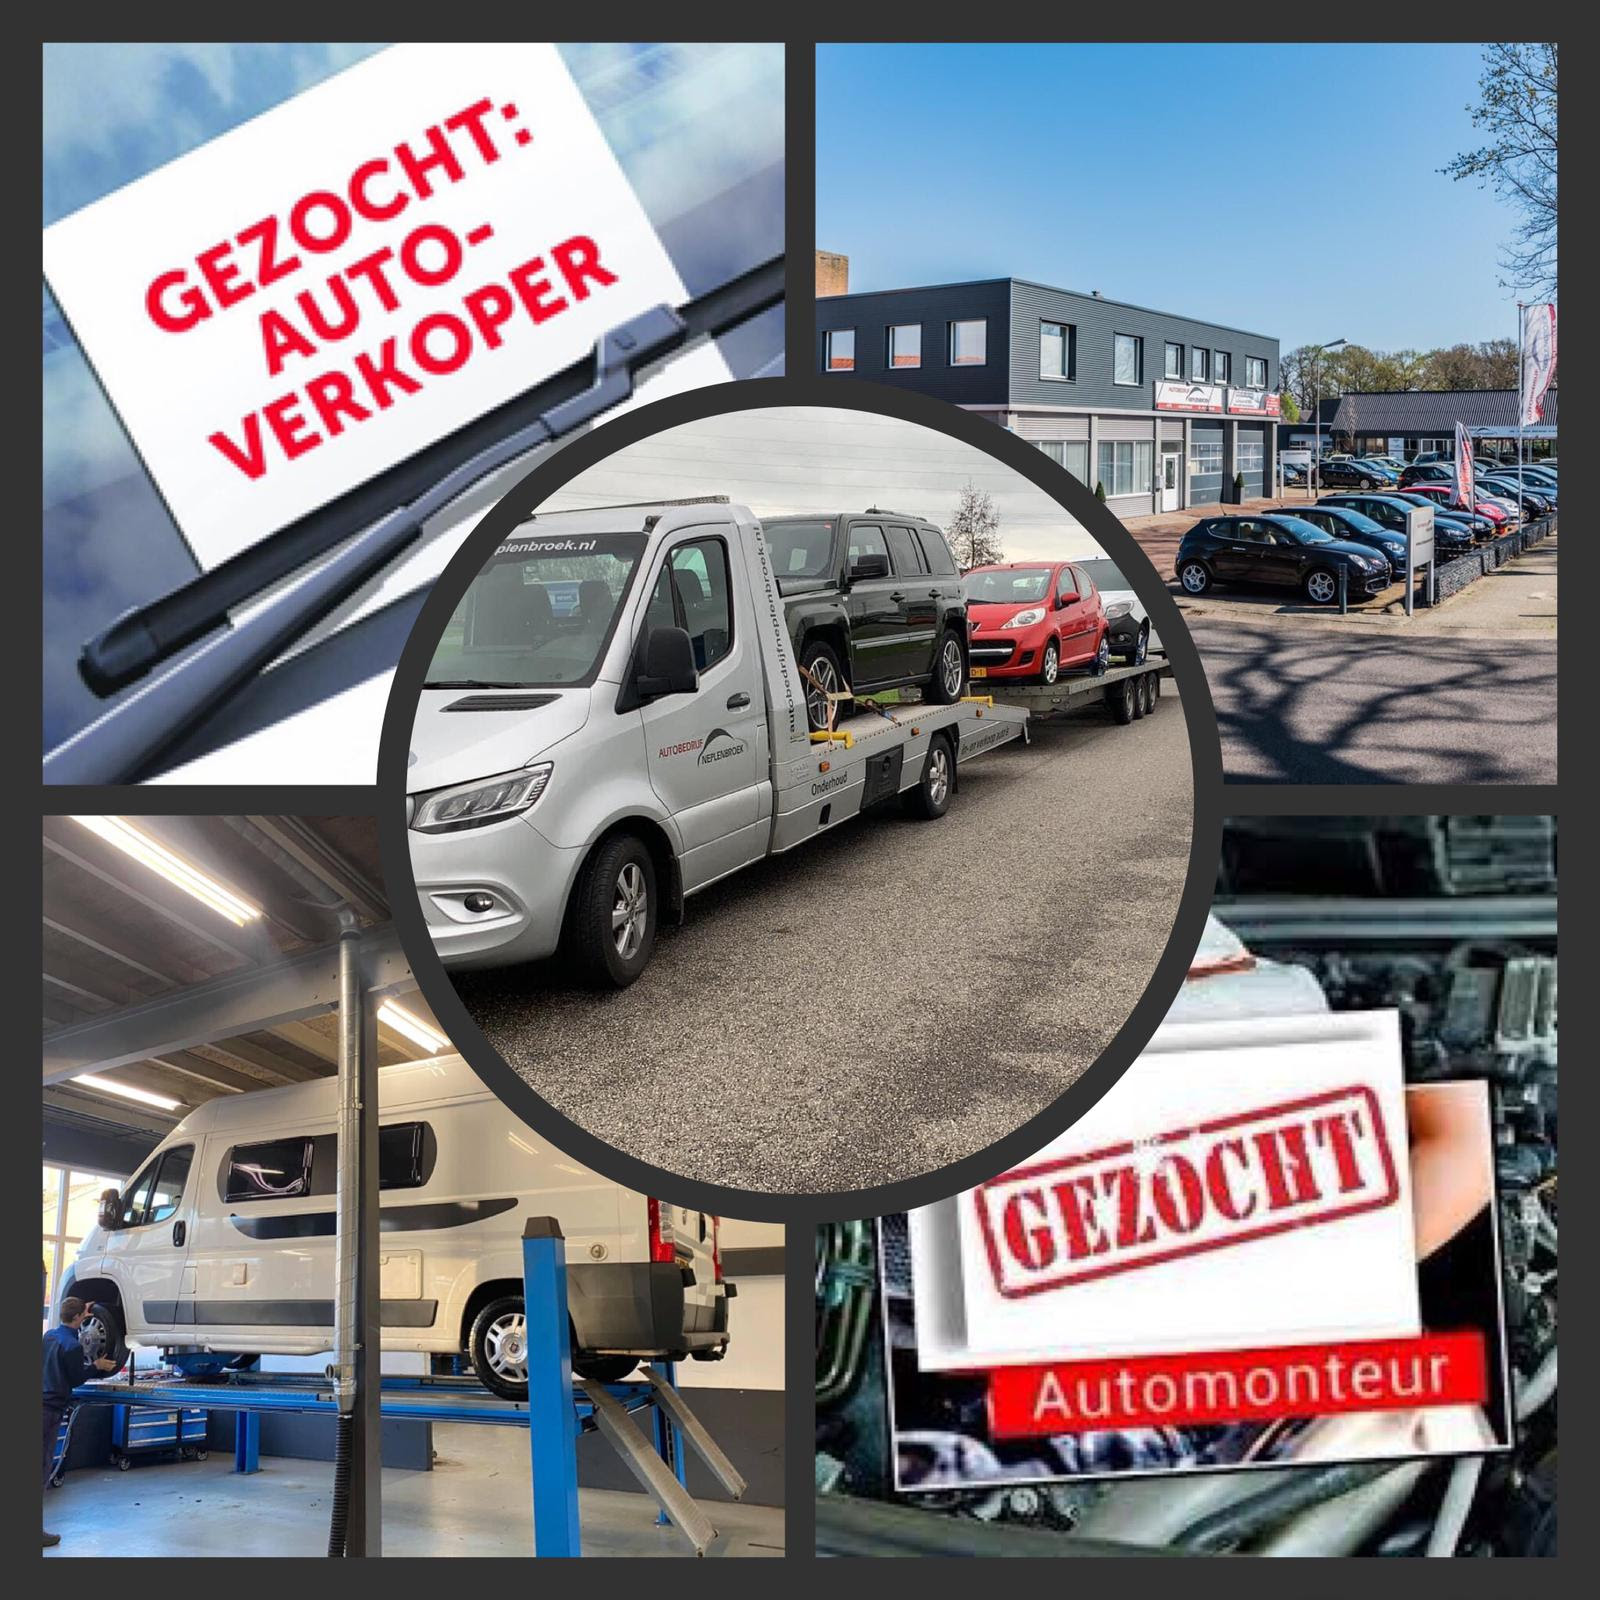 Vacature automonteur en verkoper Autobedrijf Neplenbroek